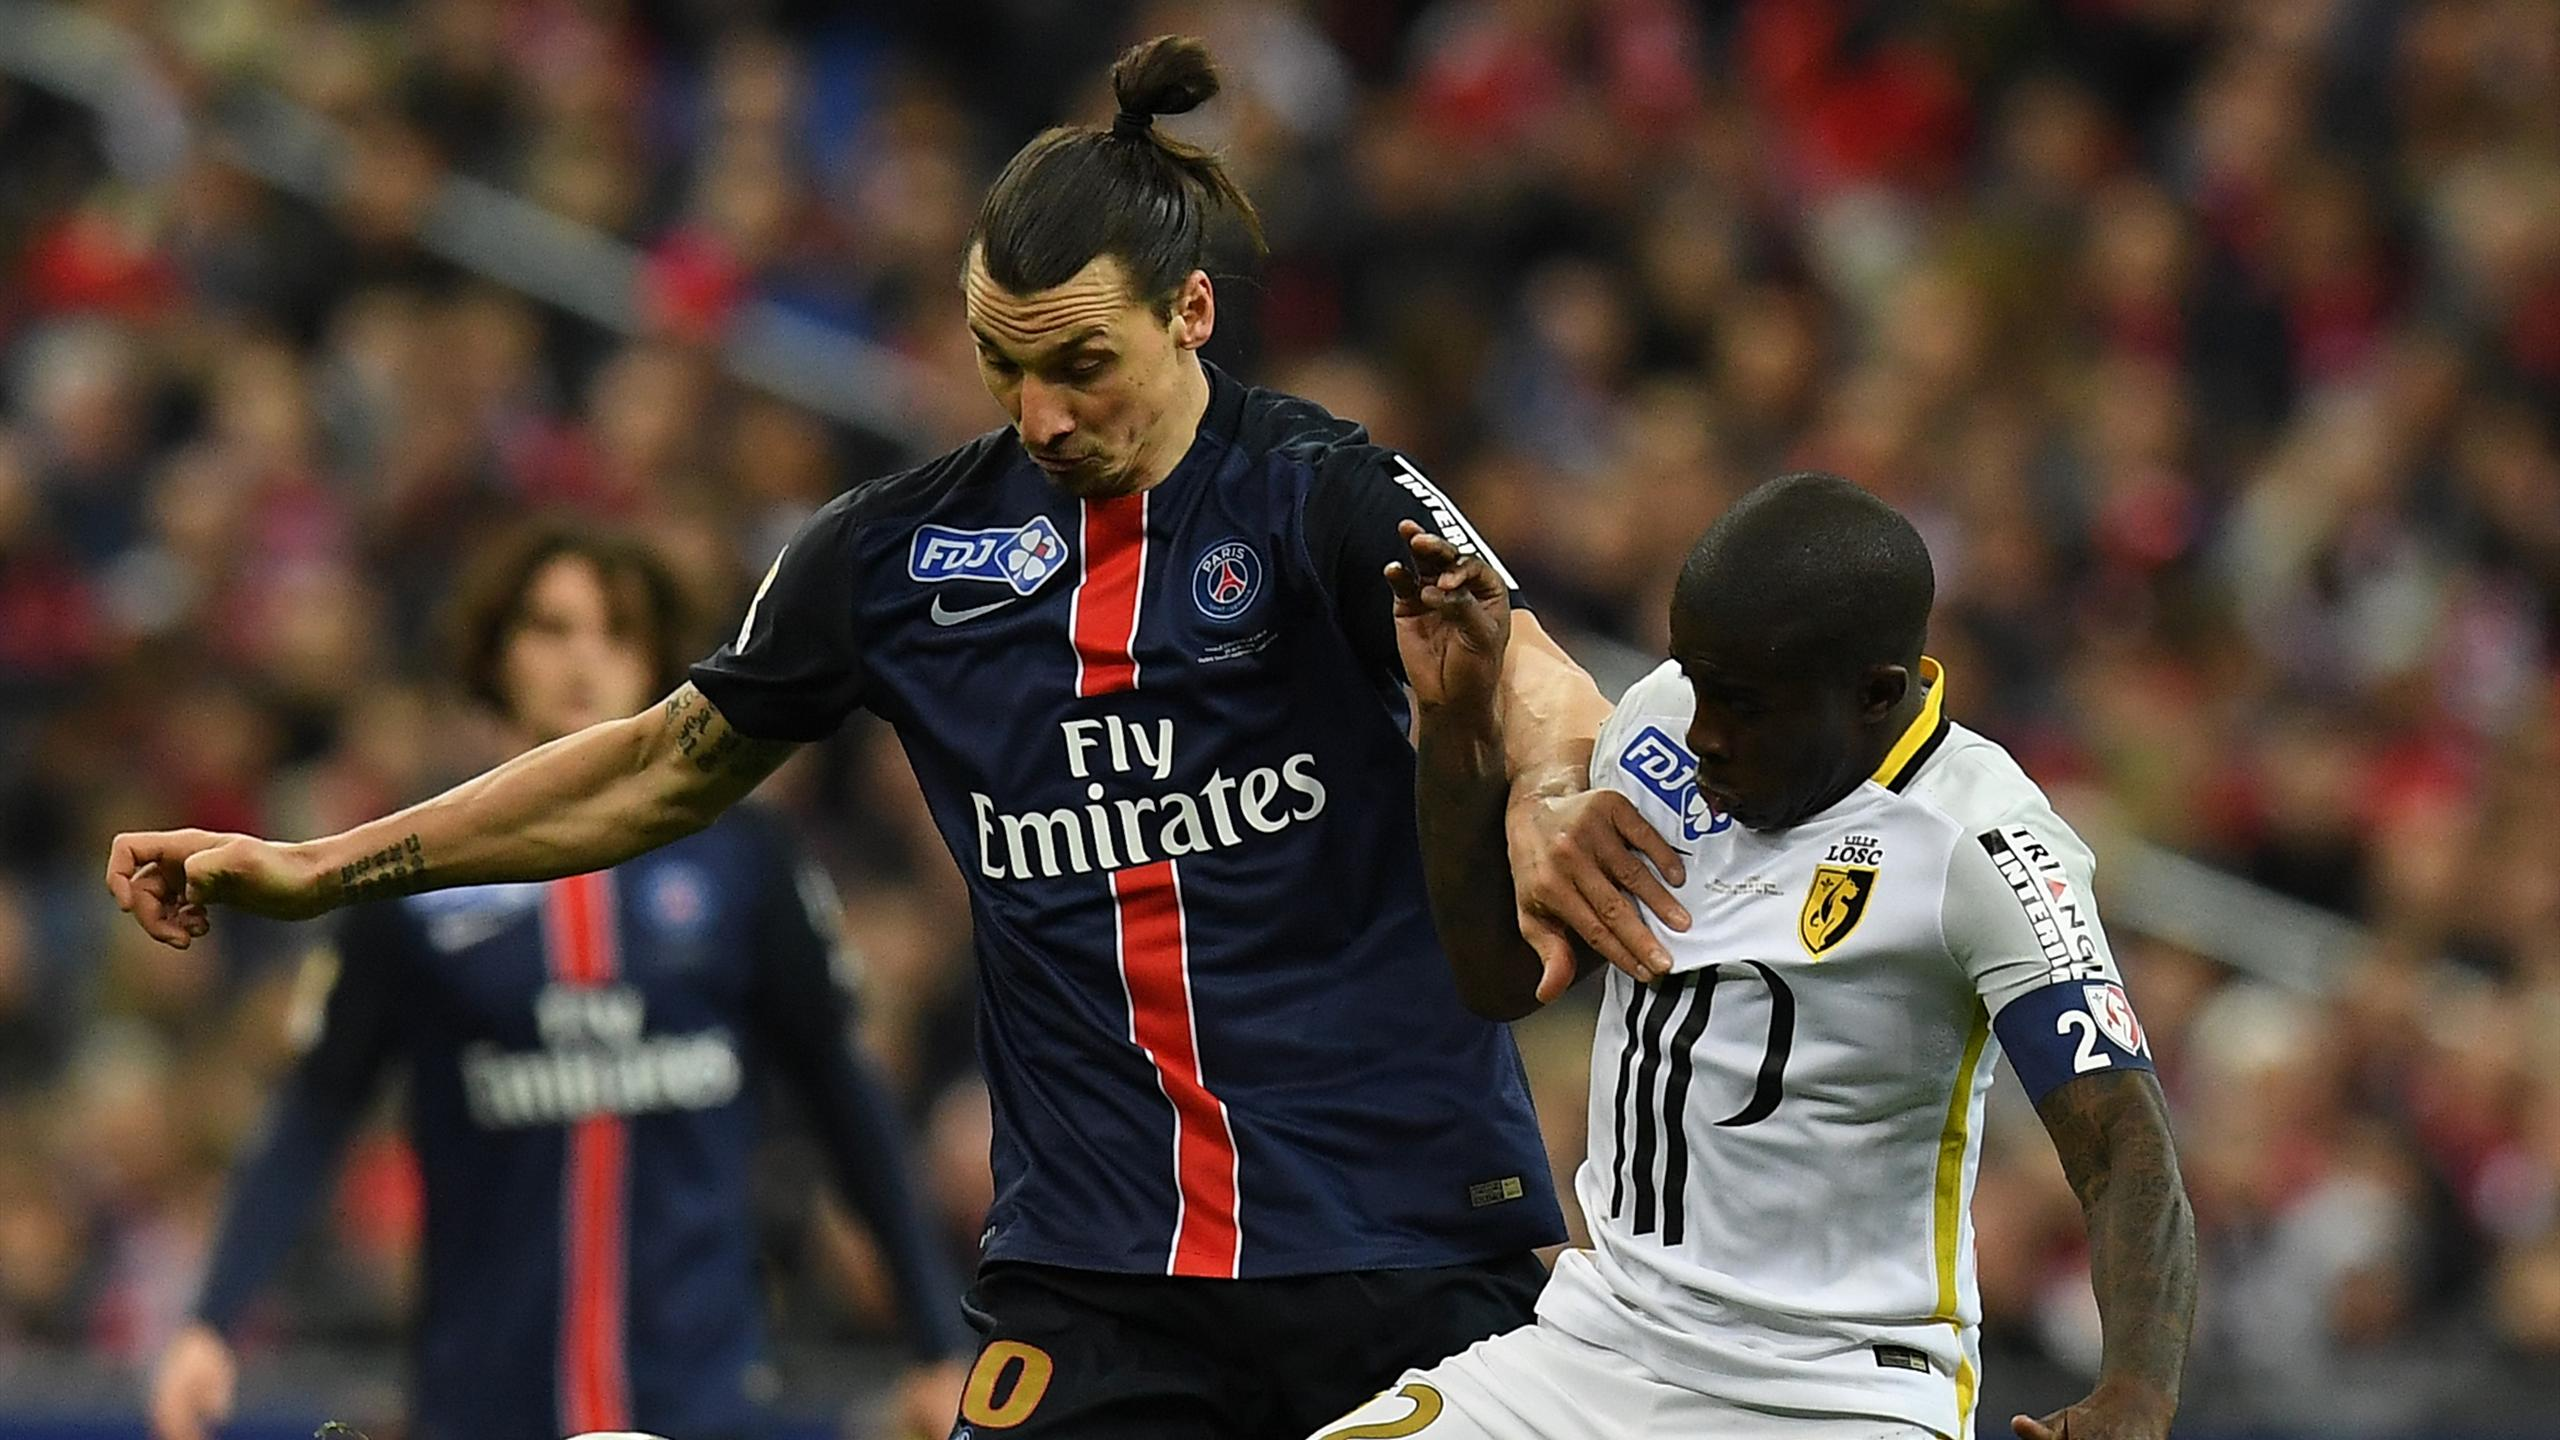 Mavuba (Lille) au duel avec Ibrahimovic (PSG)